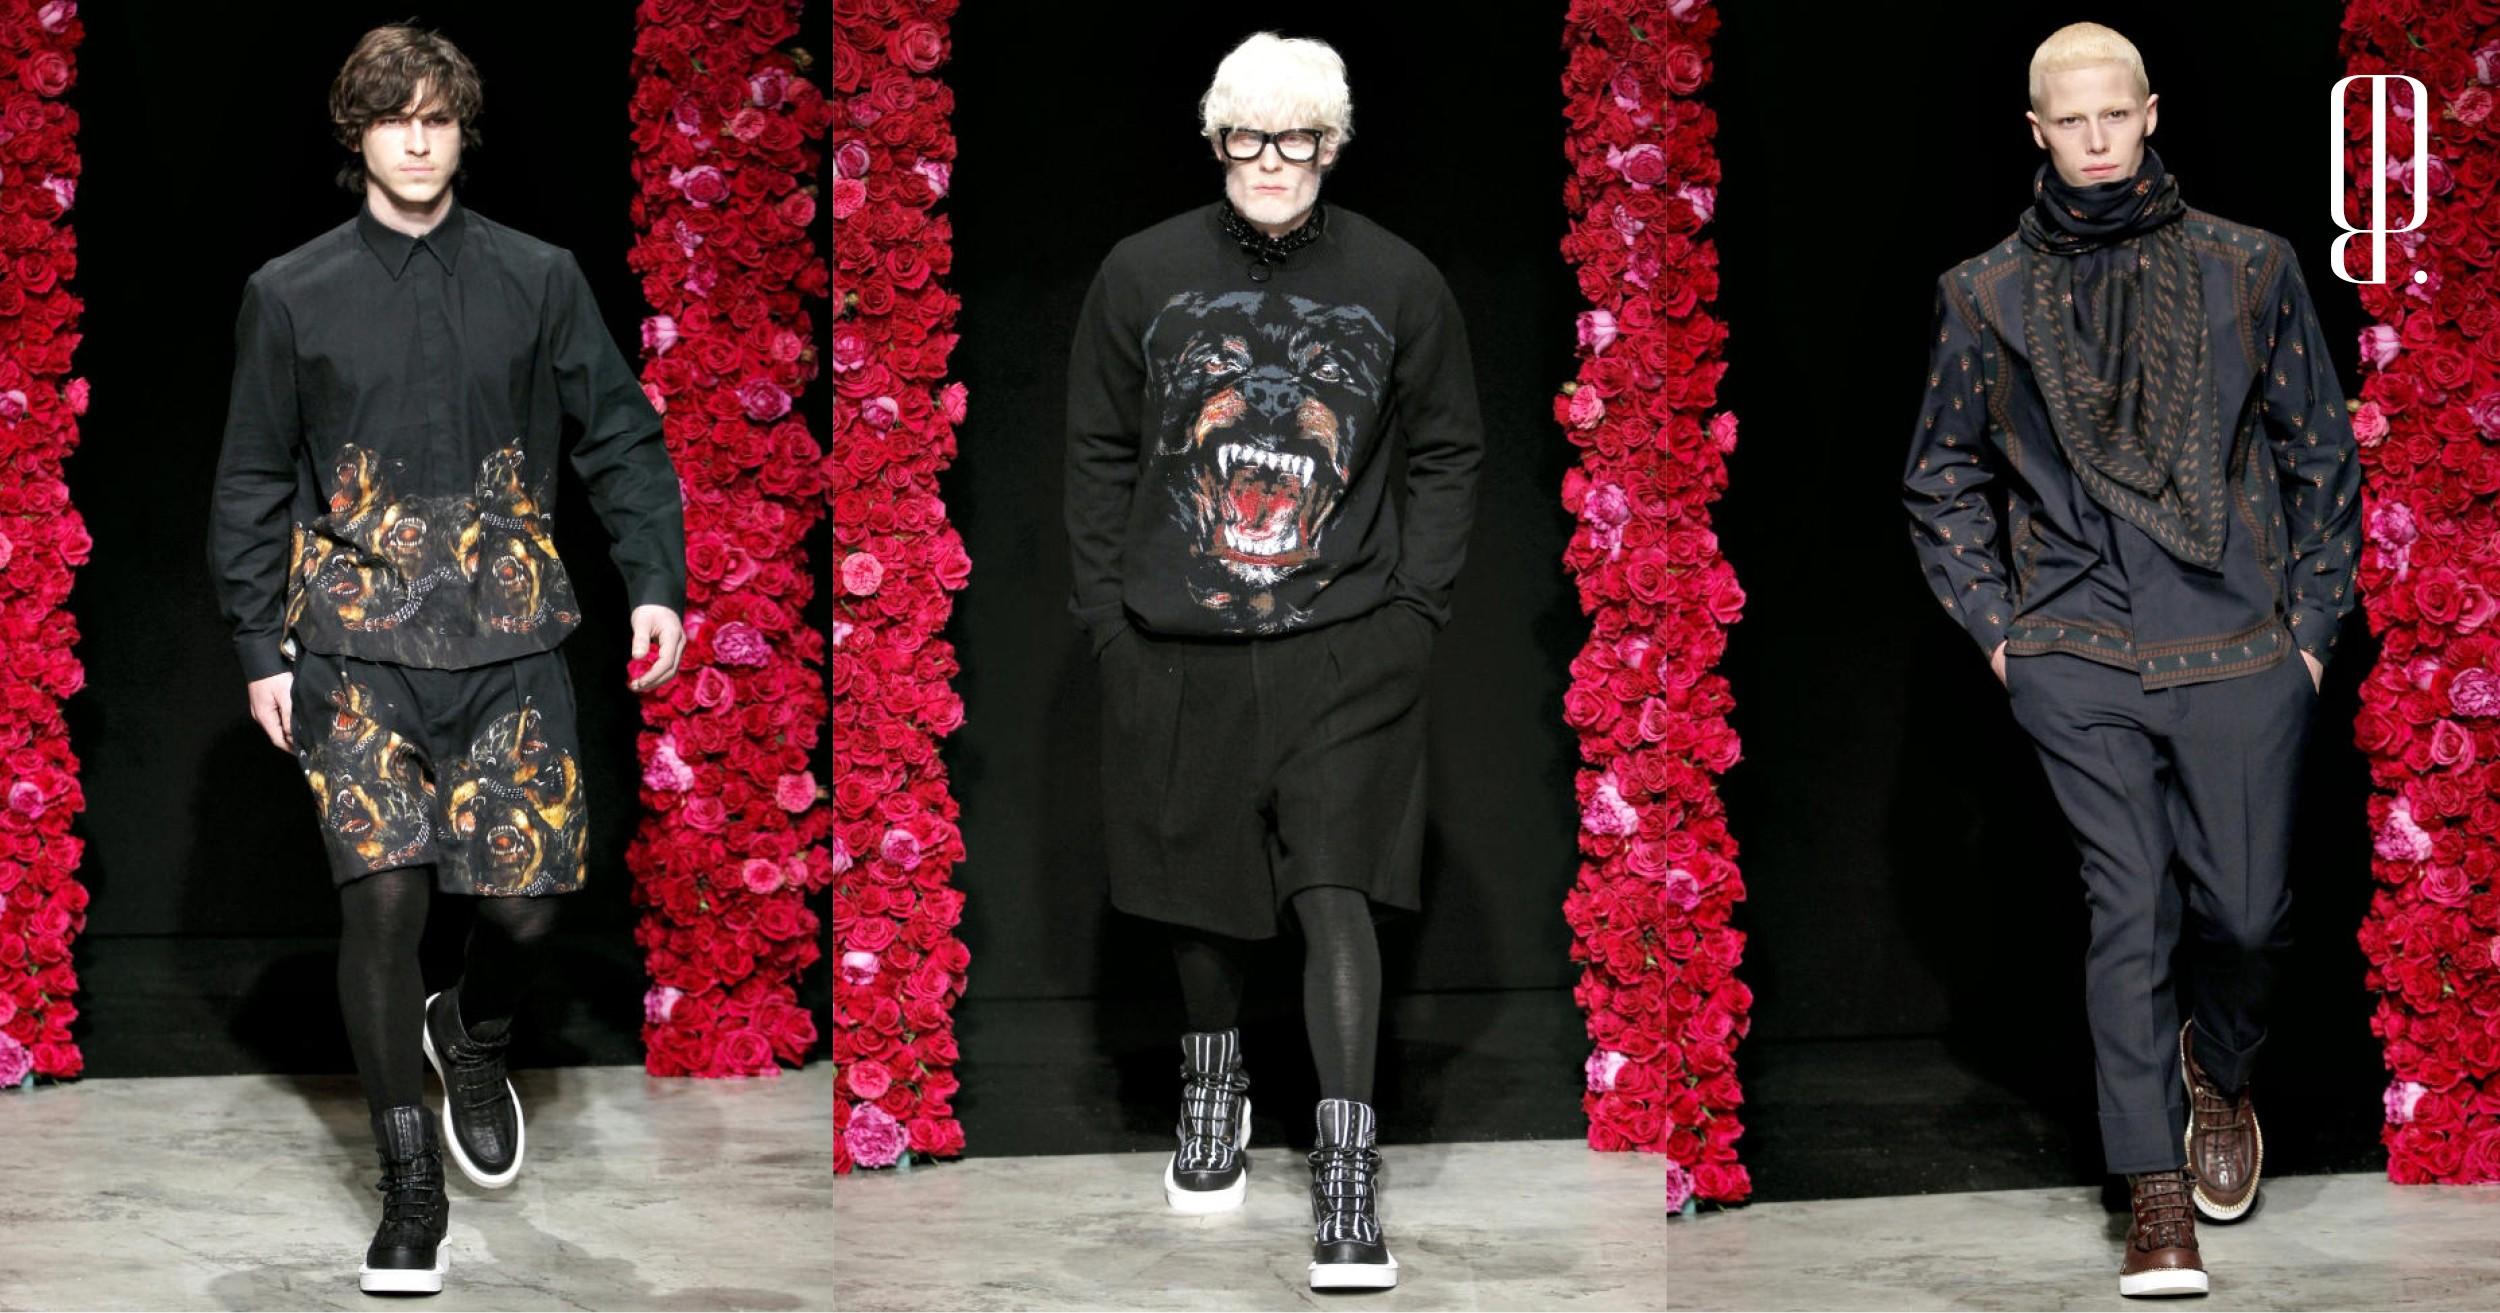 b05d6883e557 Ротвейлеры, шорты и мужские колготки: показ Givenchy осень-зима 2011